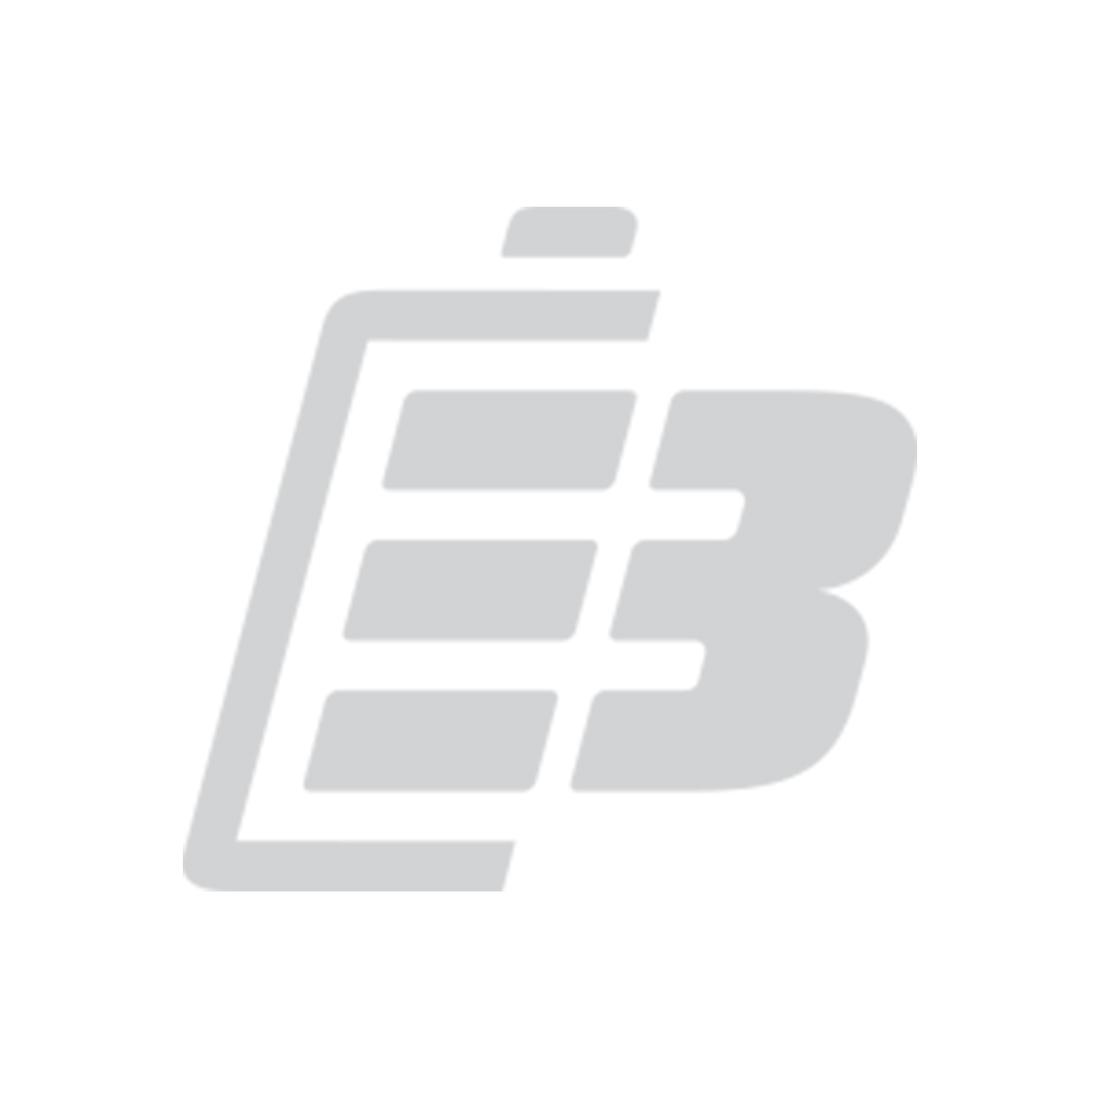 Duracell Industrial MN1300 D Alkaline battery 1